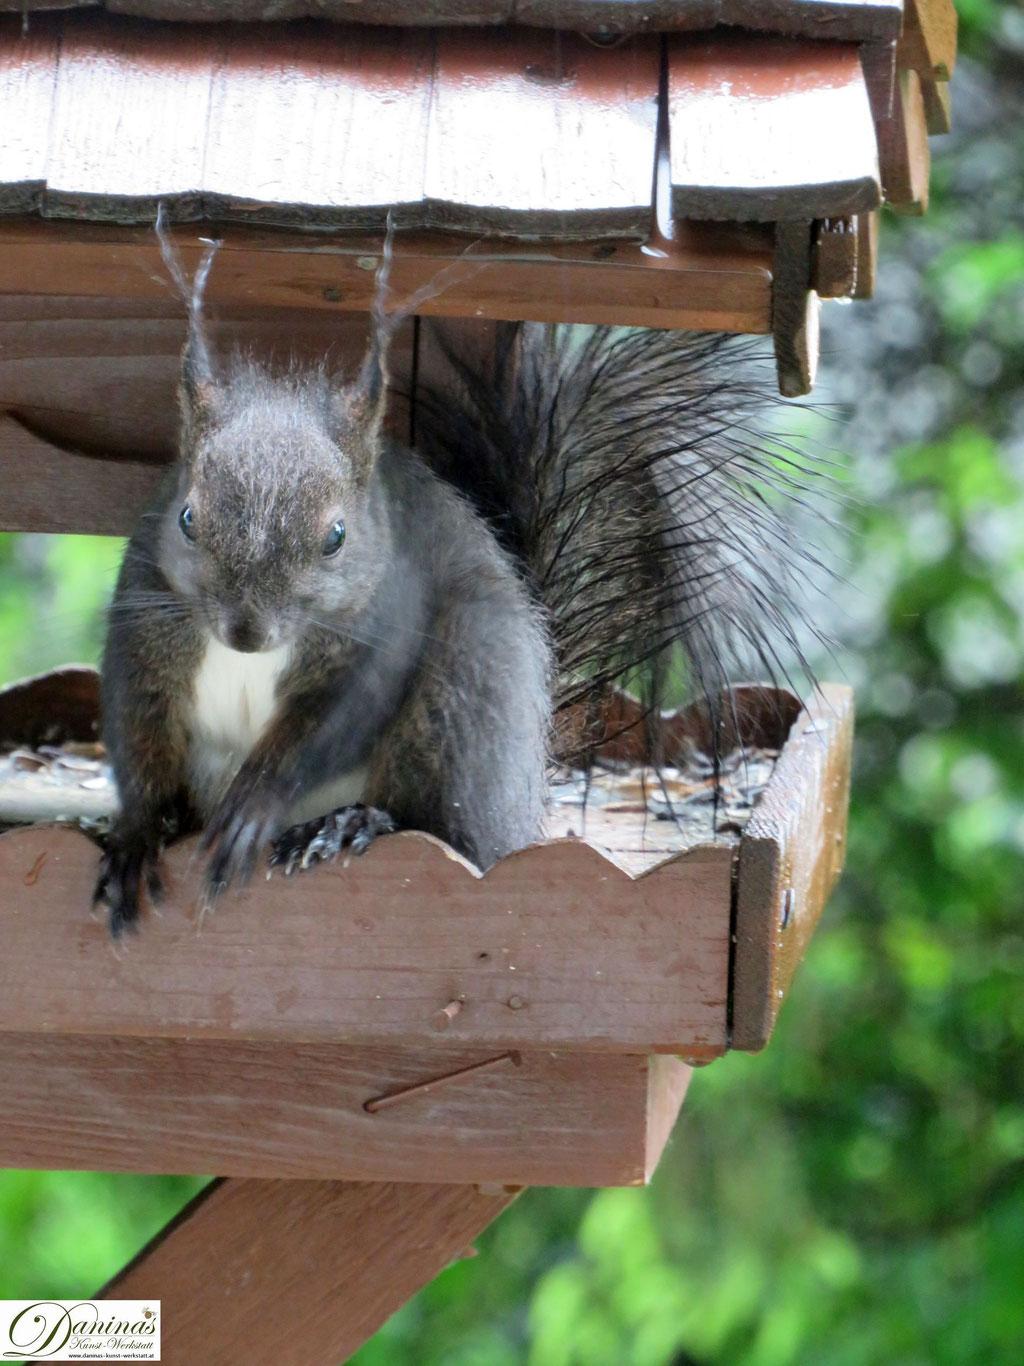 Eichhörnchen freut sich über gut sortiertes Vogelhaus